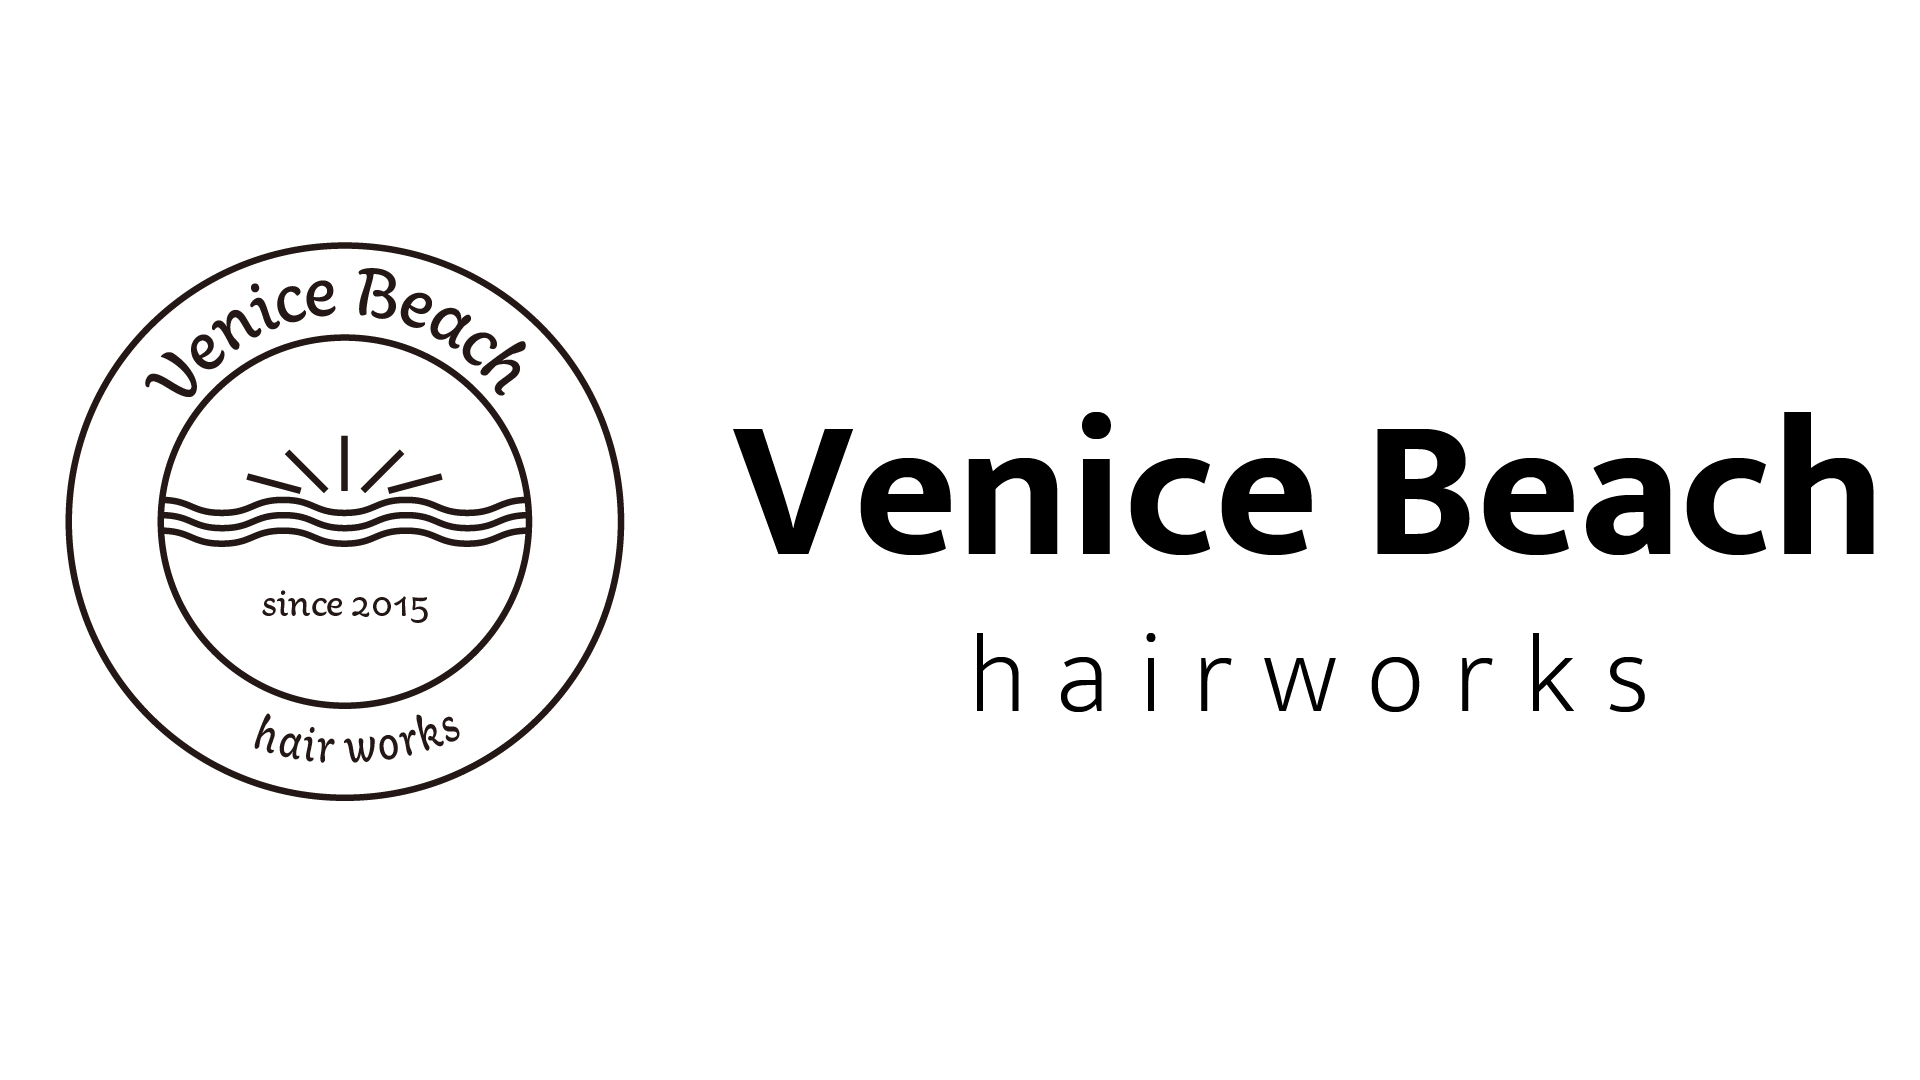 VeniceBeach hair work【ベニスビーチ】公式HP